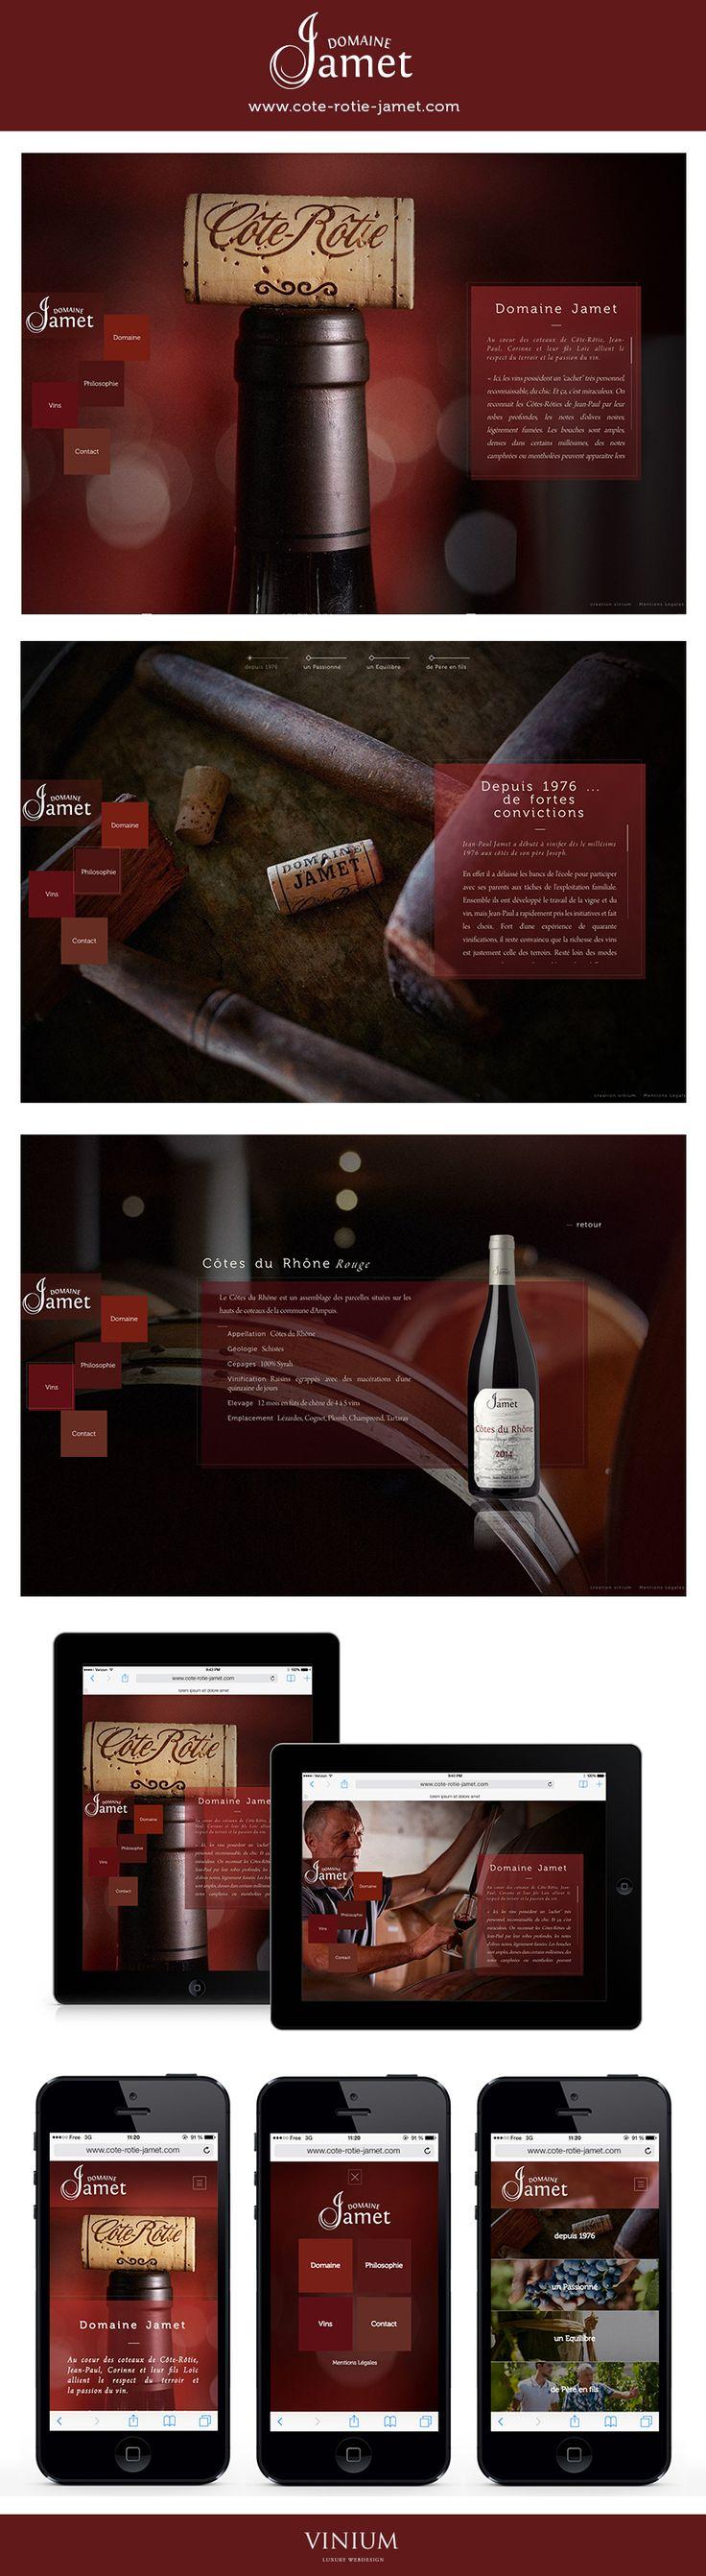 Depuis 1976 le Domaine Jamet élabore avec passion des vins uniques, dans le…